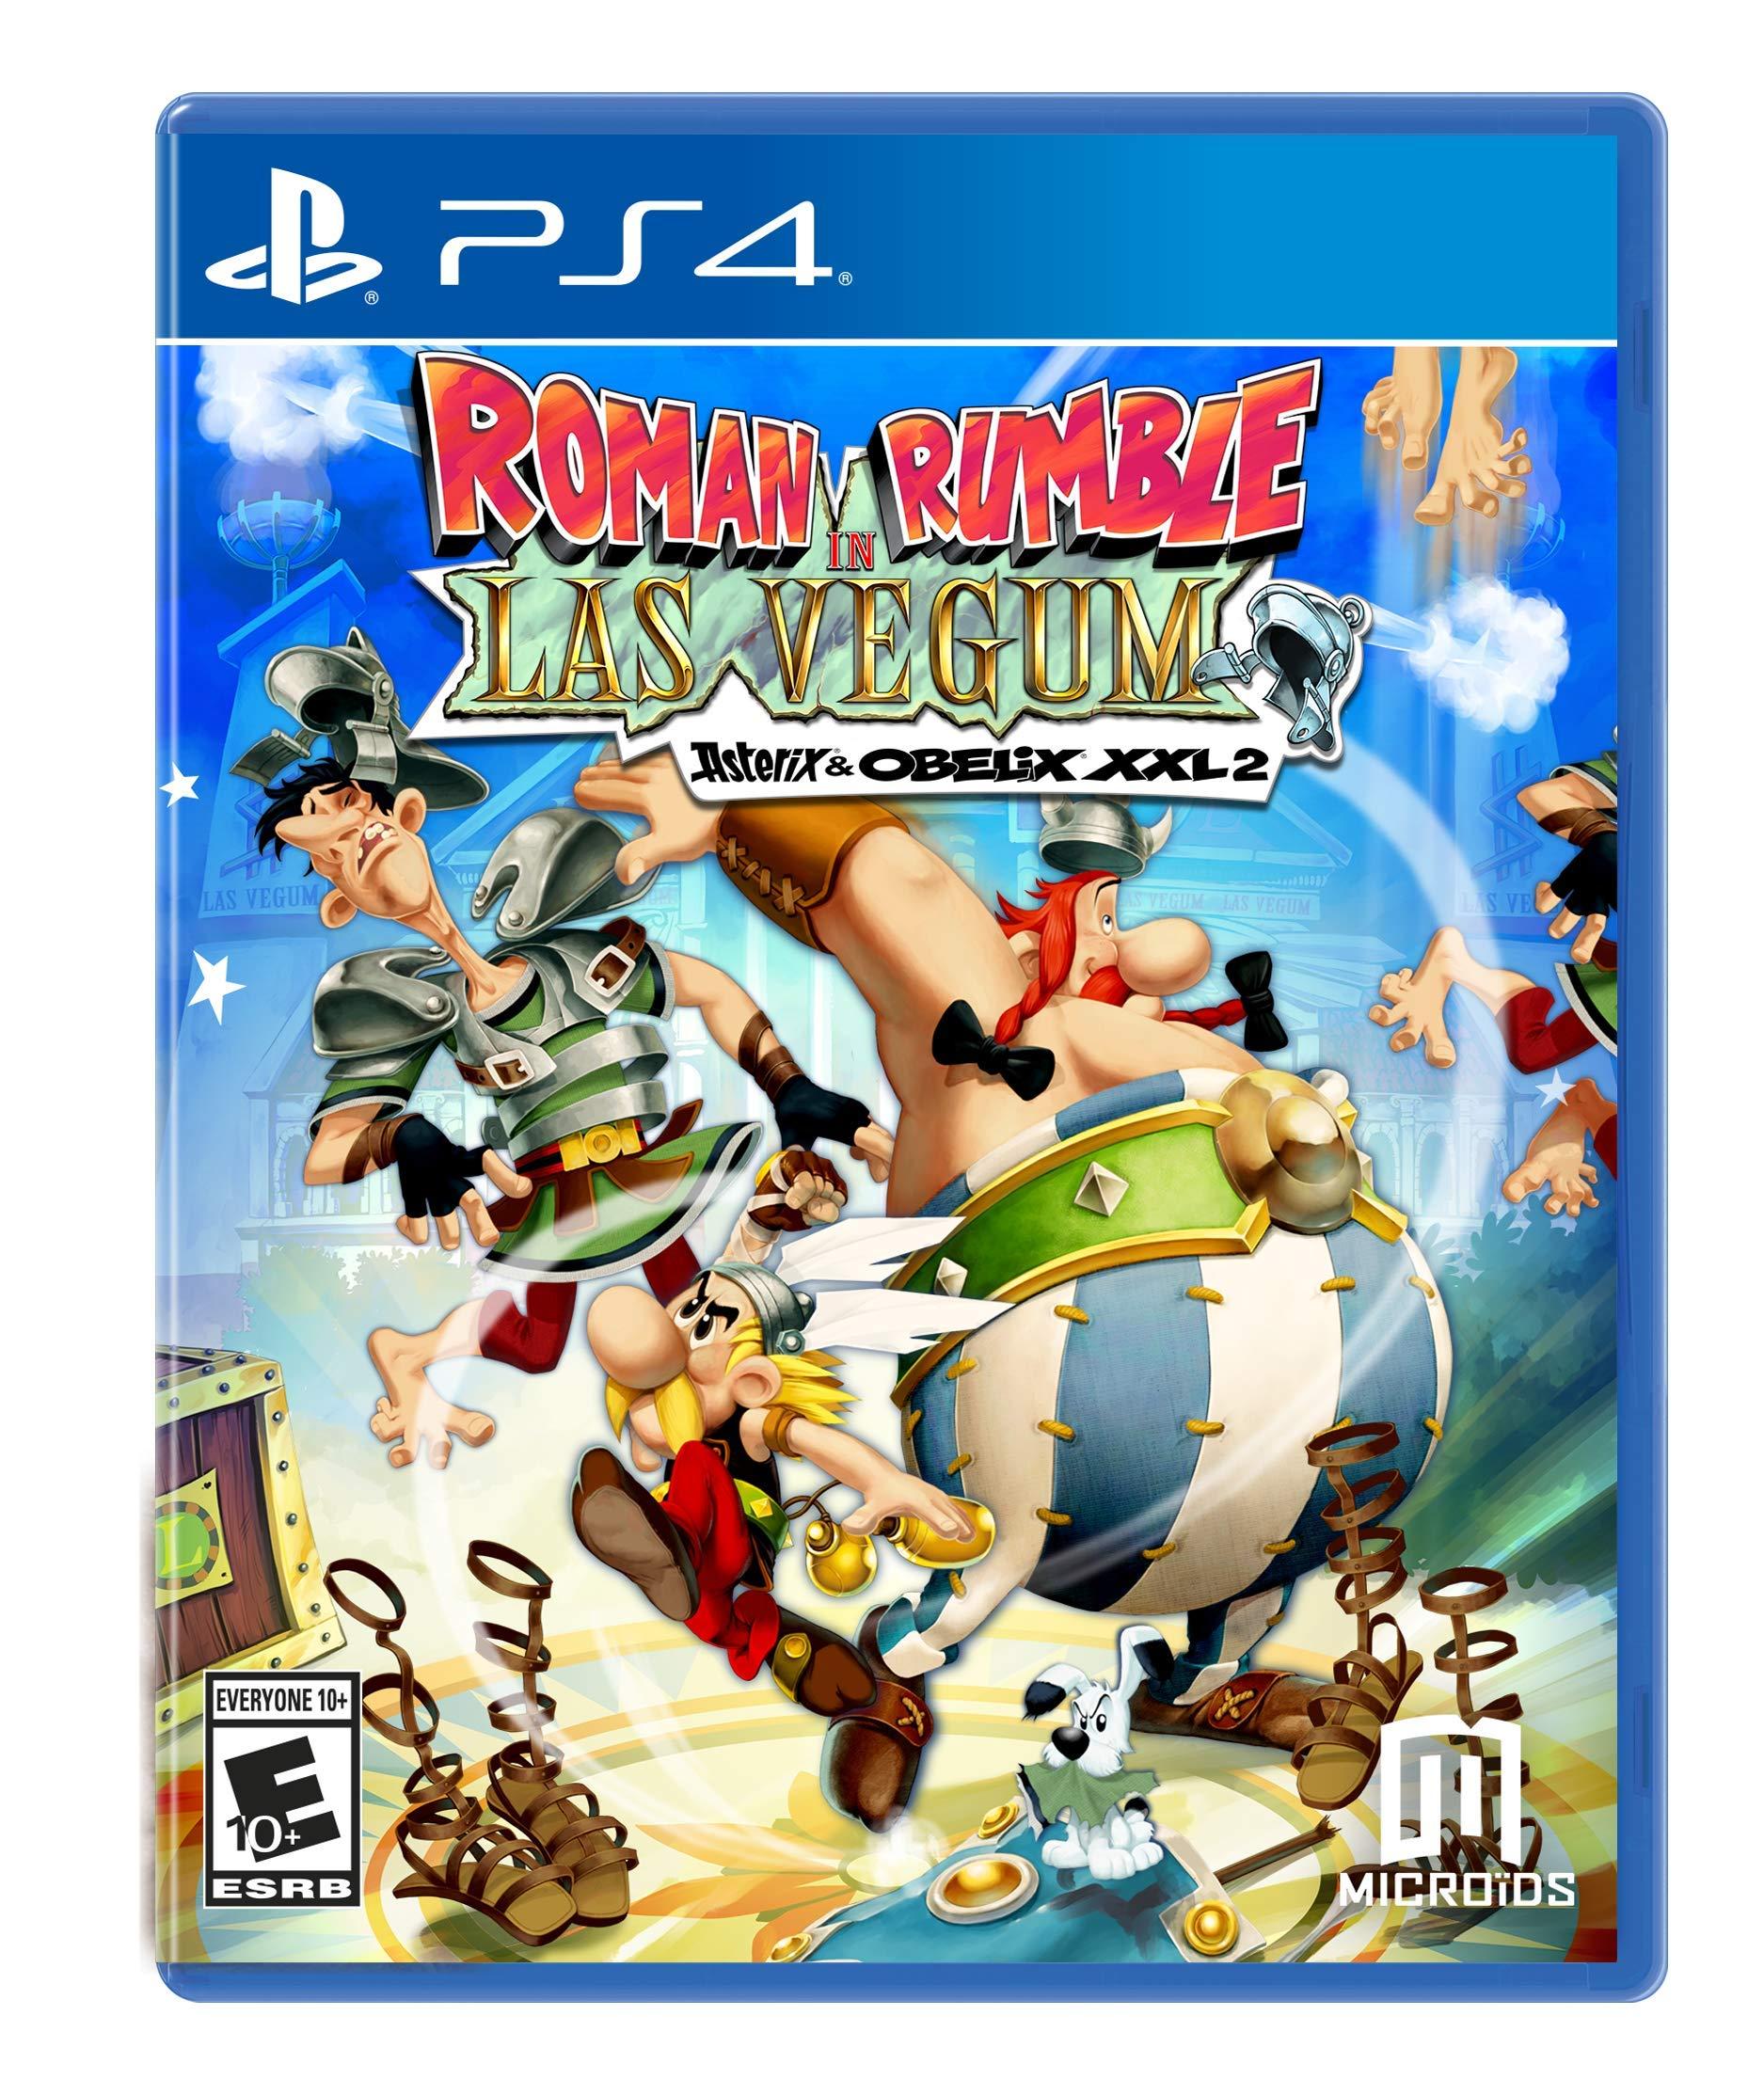 Roman Rumble In Las Vegum: Asterix & Obelix Xxl 2 (PS4) - PlayStation 4